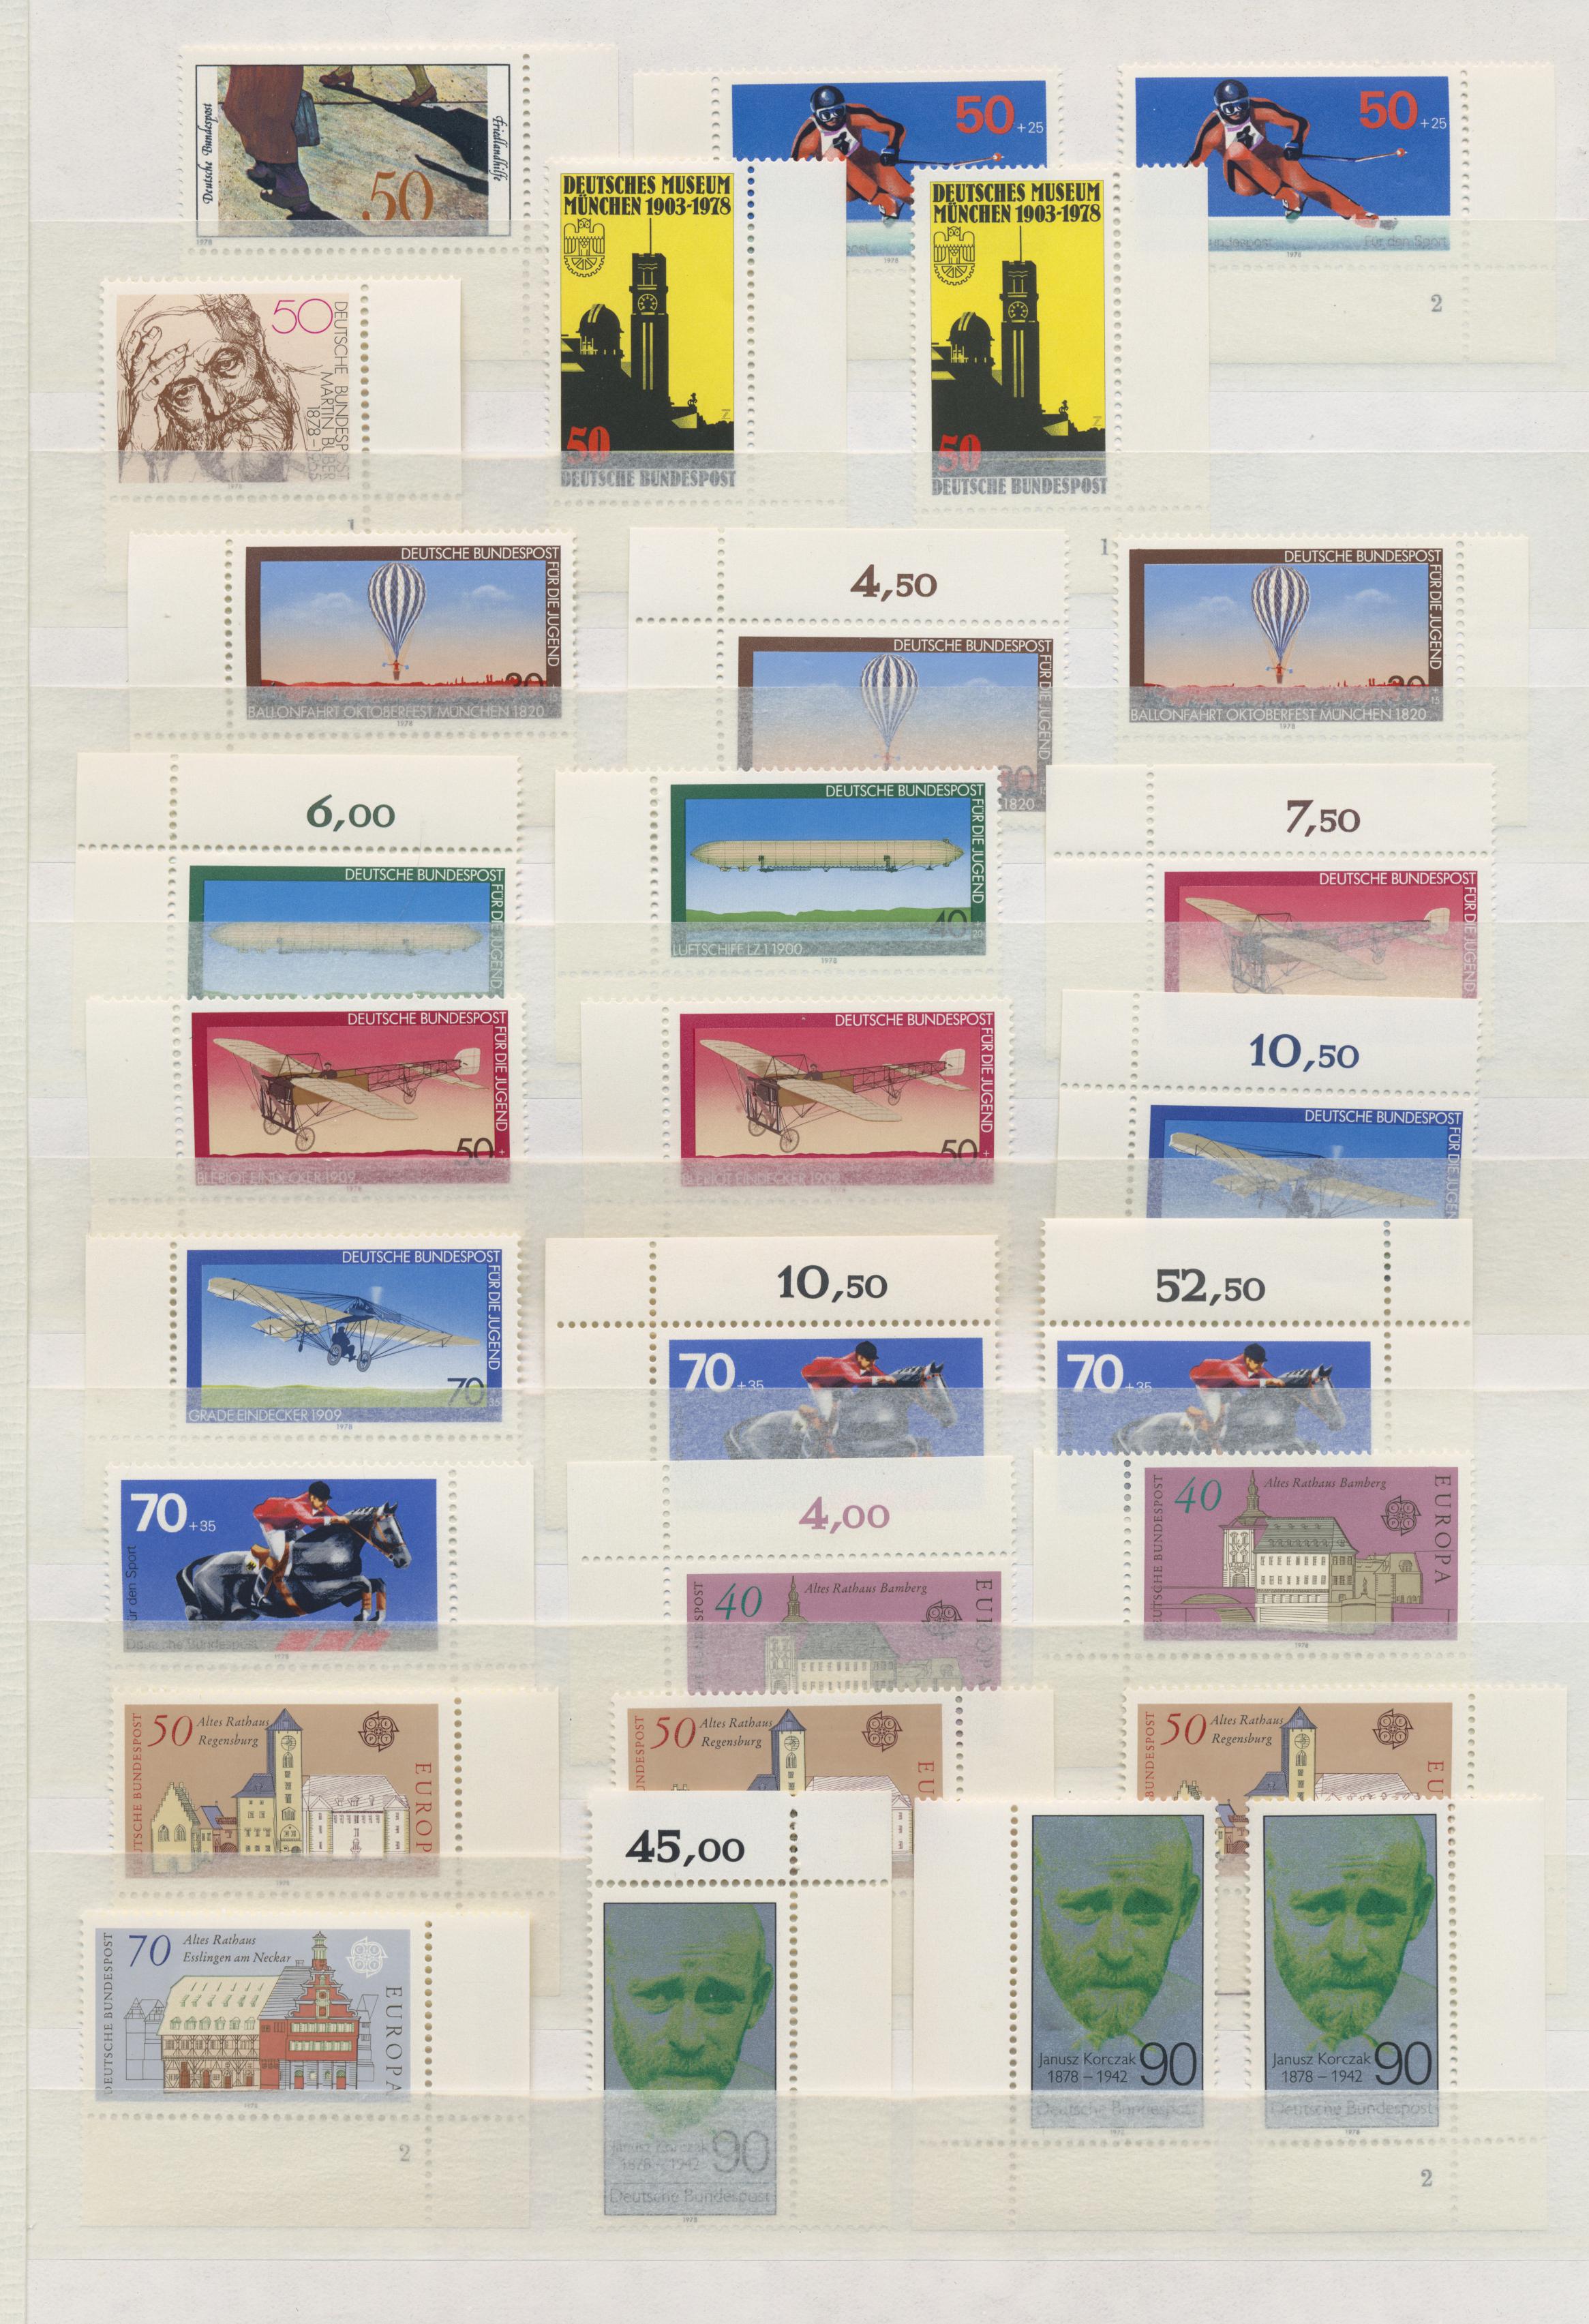 Lot 29550 - bundesrepublik deutschland  -  Auktionshaus Christoph Gärtner GmbH & Co. KG Sale #46 Gollcetions Germany - including the suplement